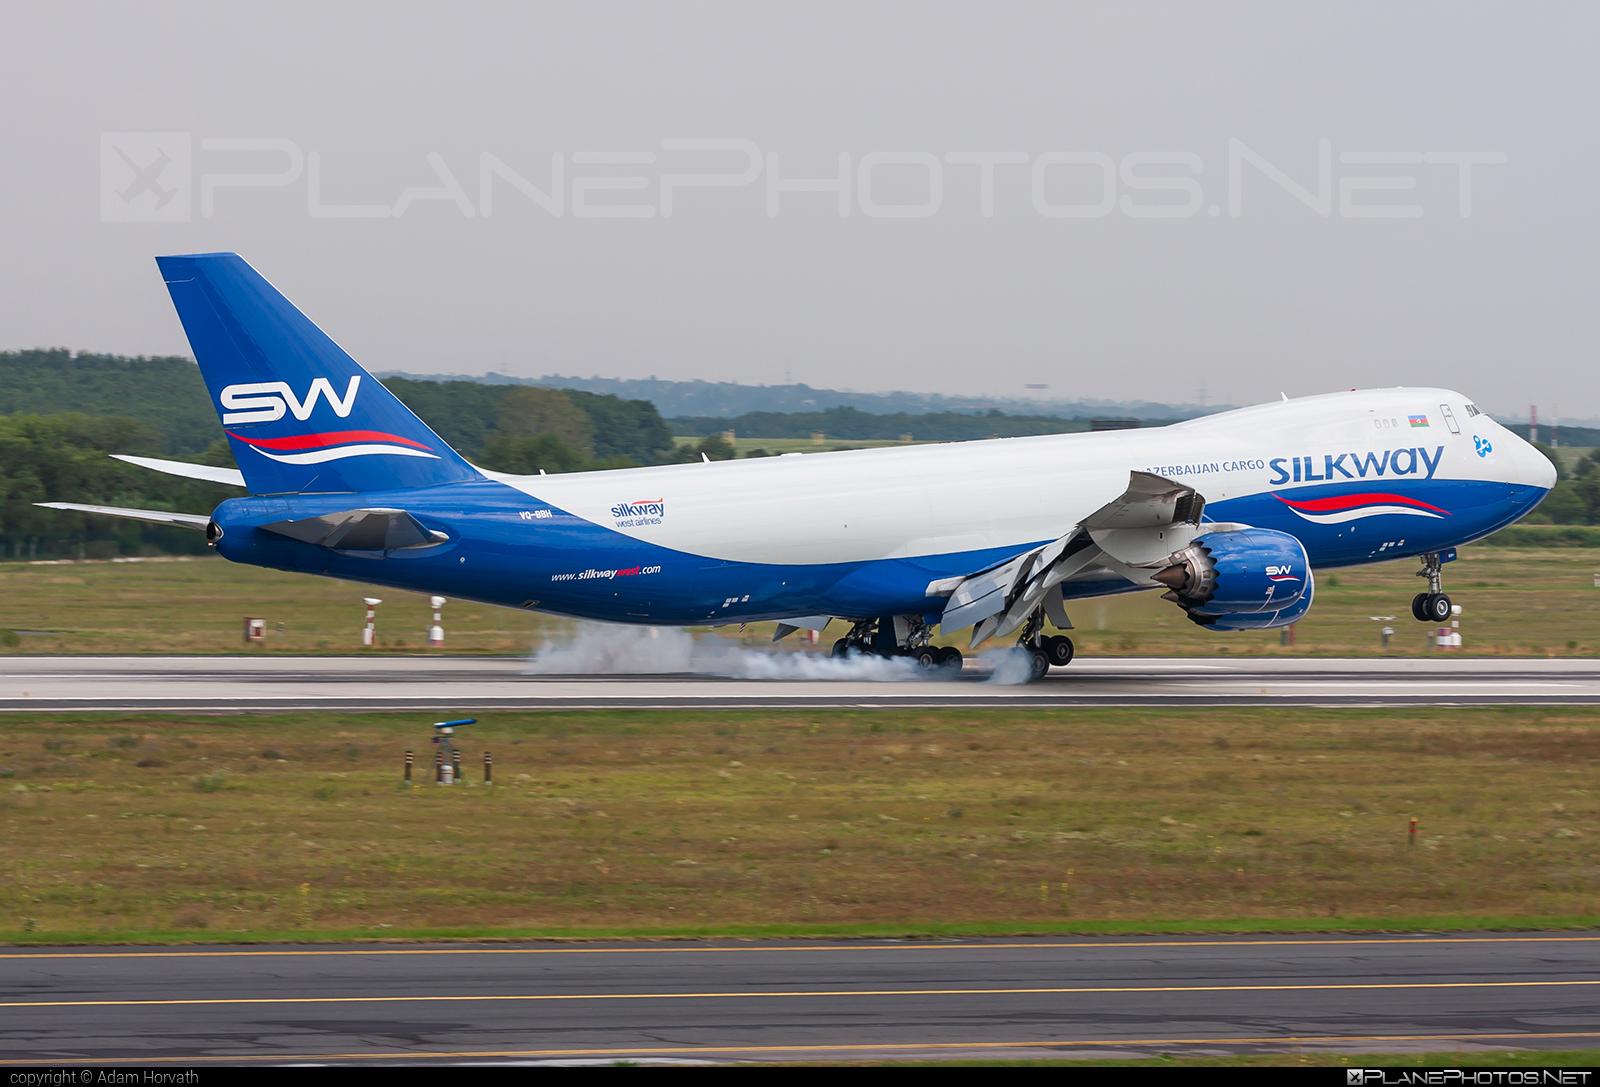 Boeing 747-8F - VQ-BBH operated by Silk Way West Airlines #b747 #b747f #b747freighter #boeing #boeing747 #jumbo #silkwayairlines #silkwaywestairlines